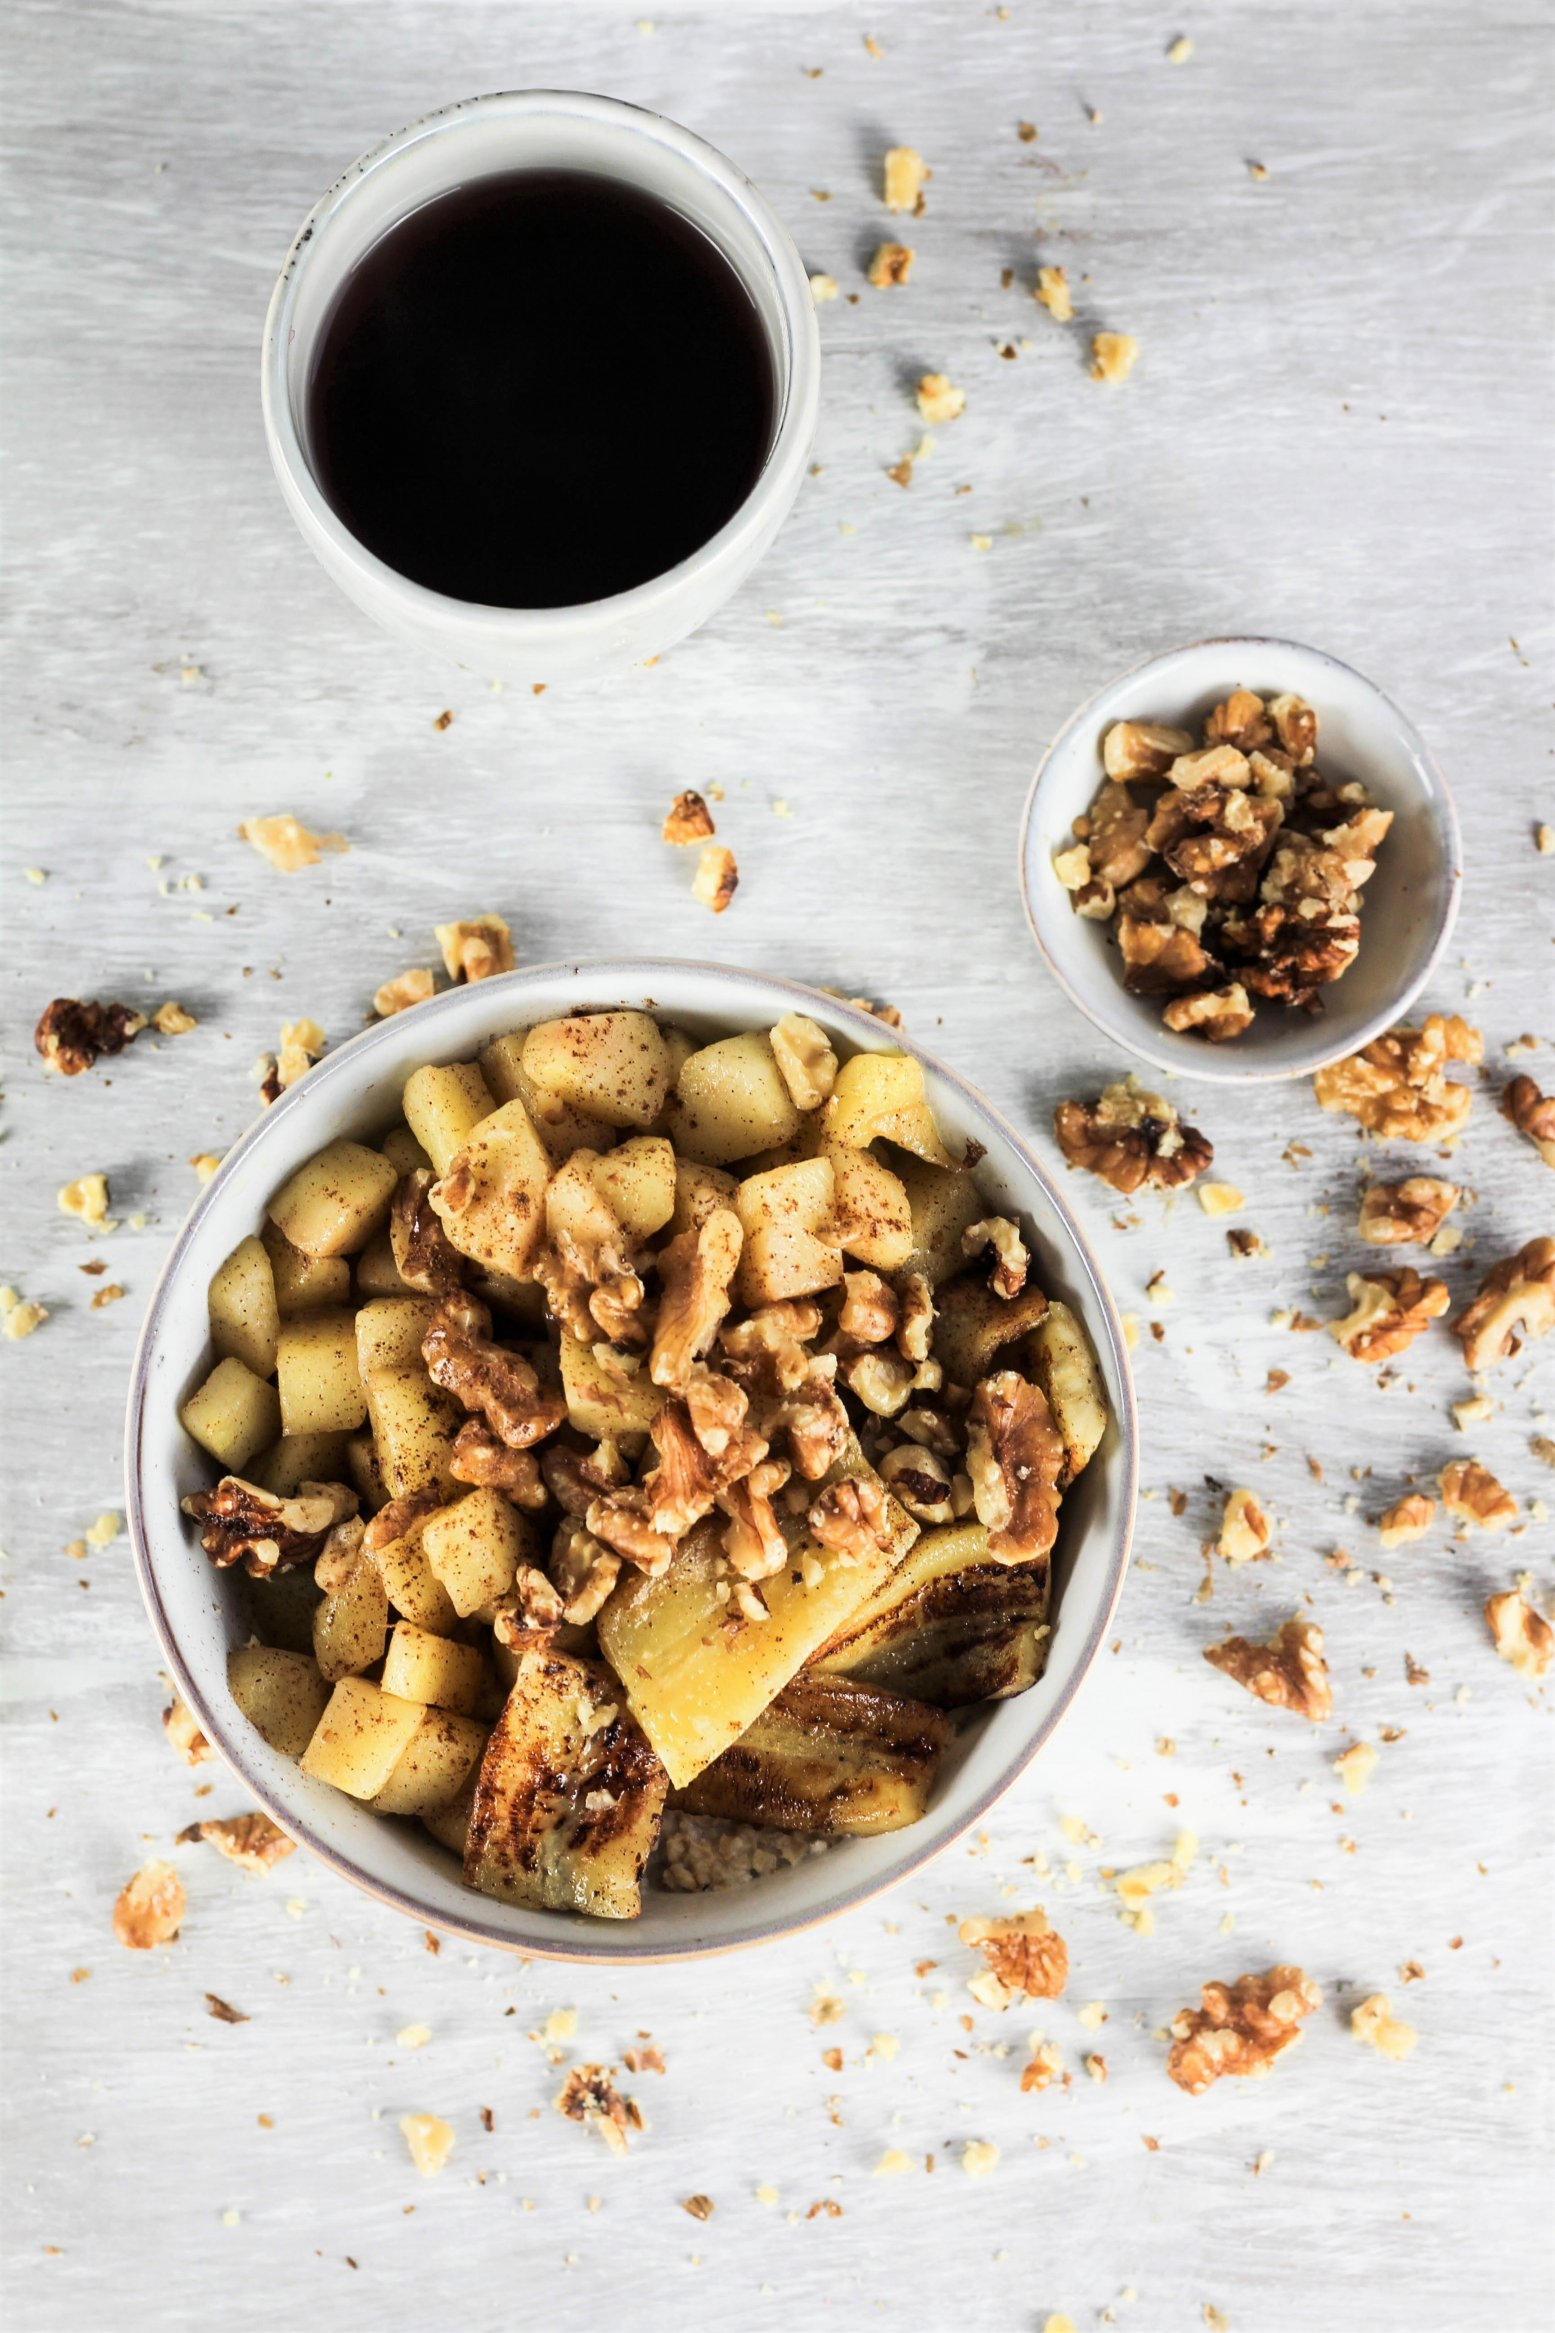 Cremiges Porridge mit gebratenen Äpfel und Bananen